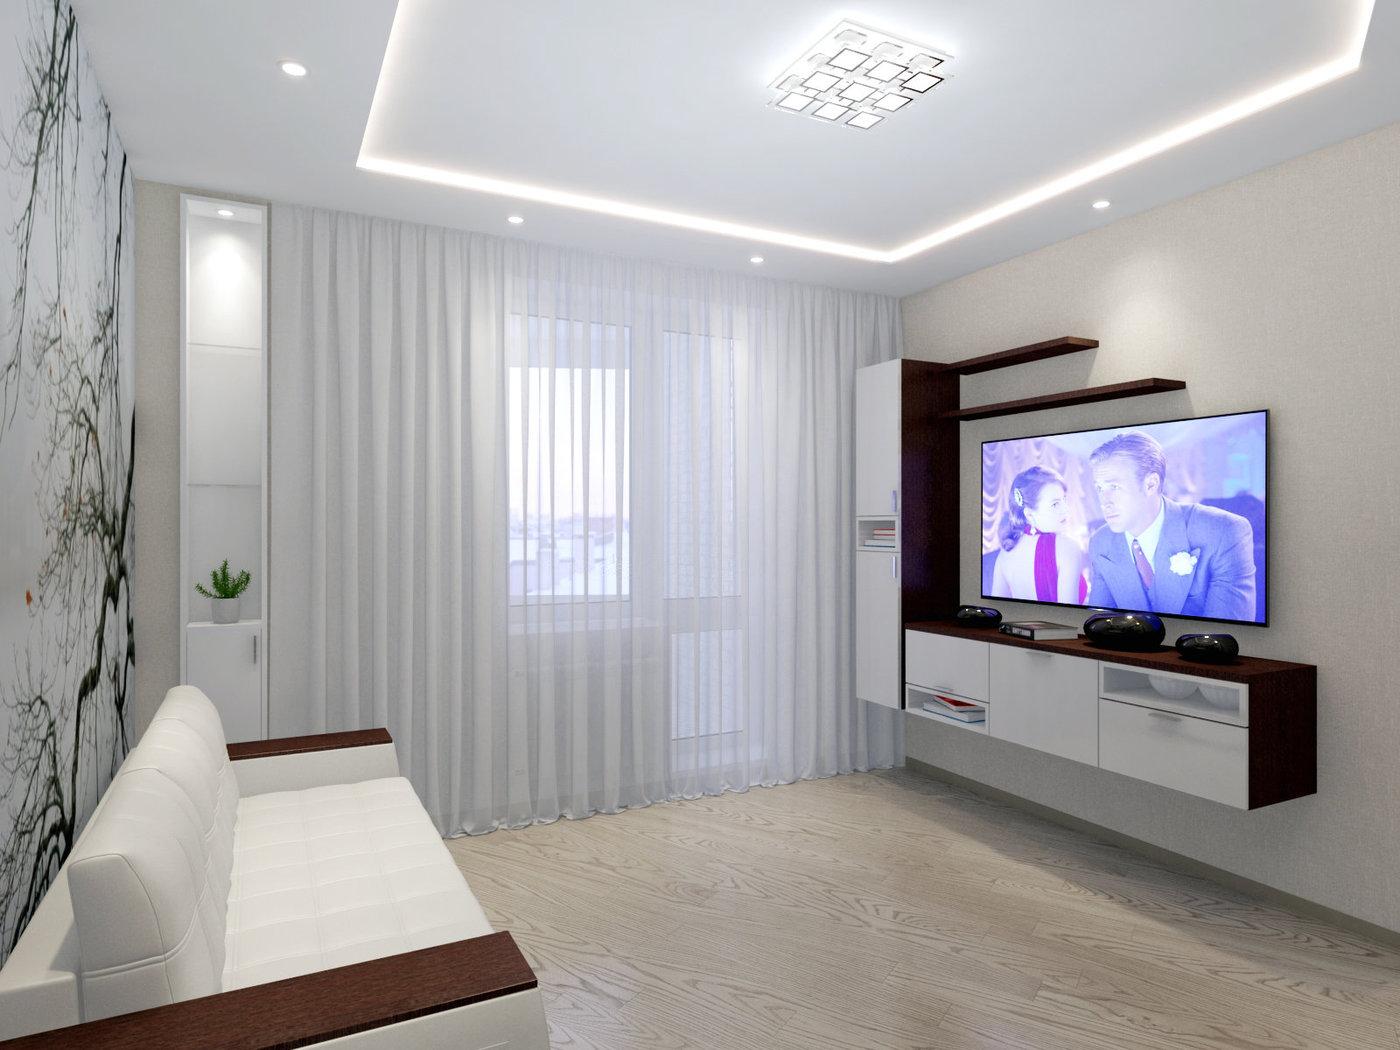 Дизайн и визуализация. Дизайн проект квартиры (ул. Ленсовета д.88)